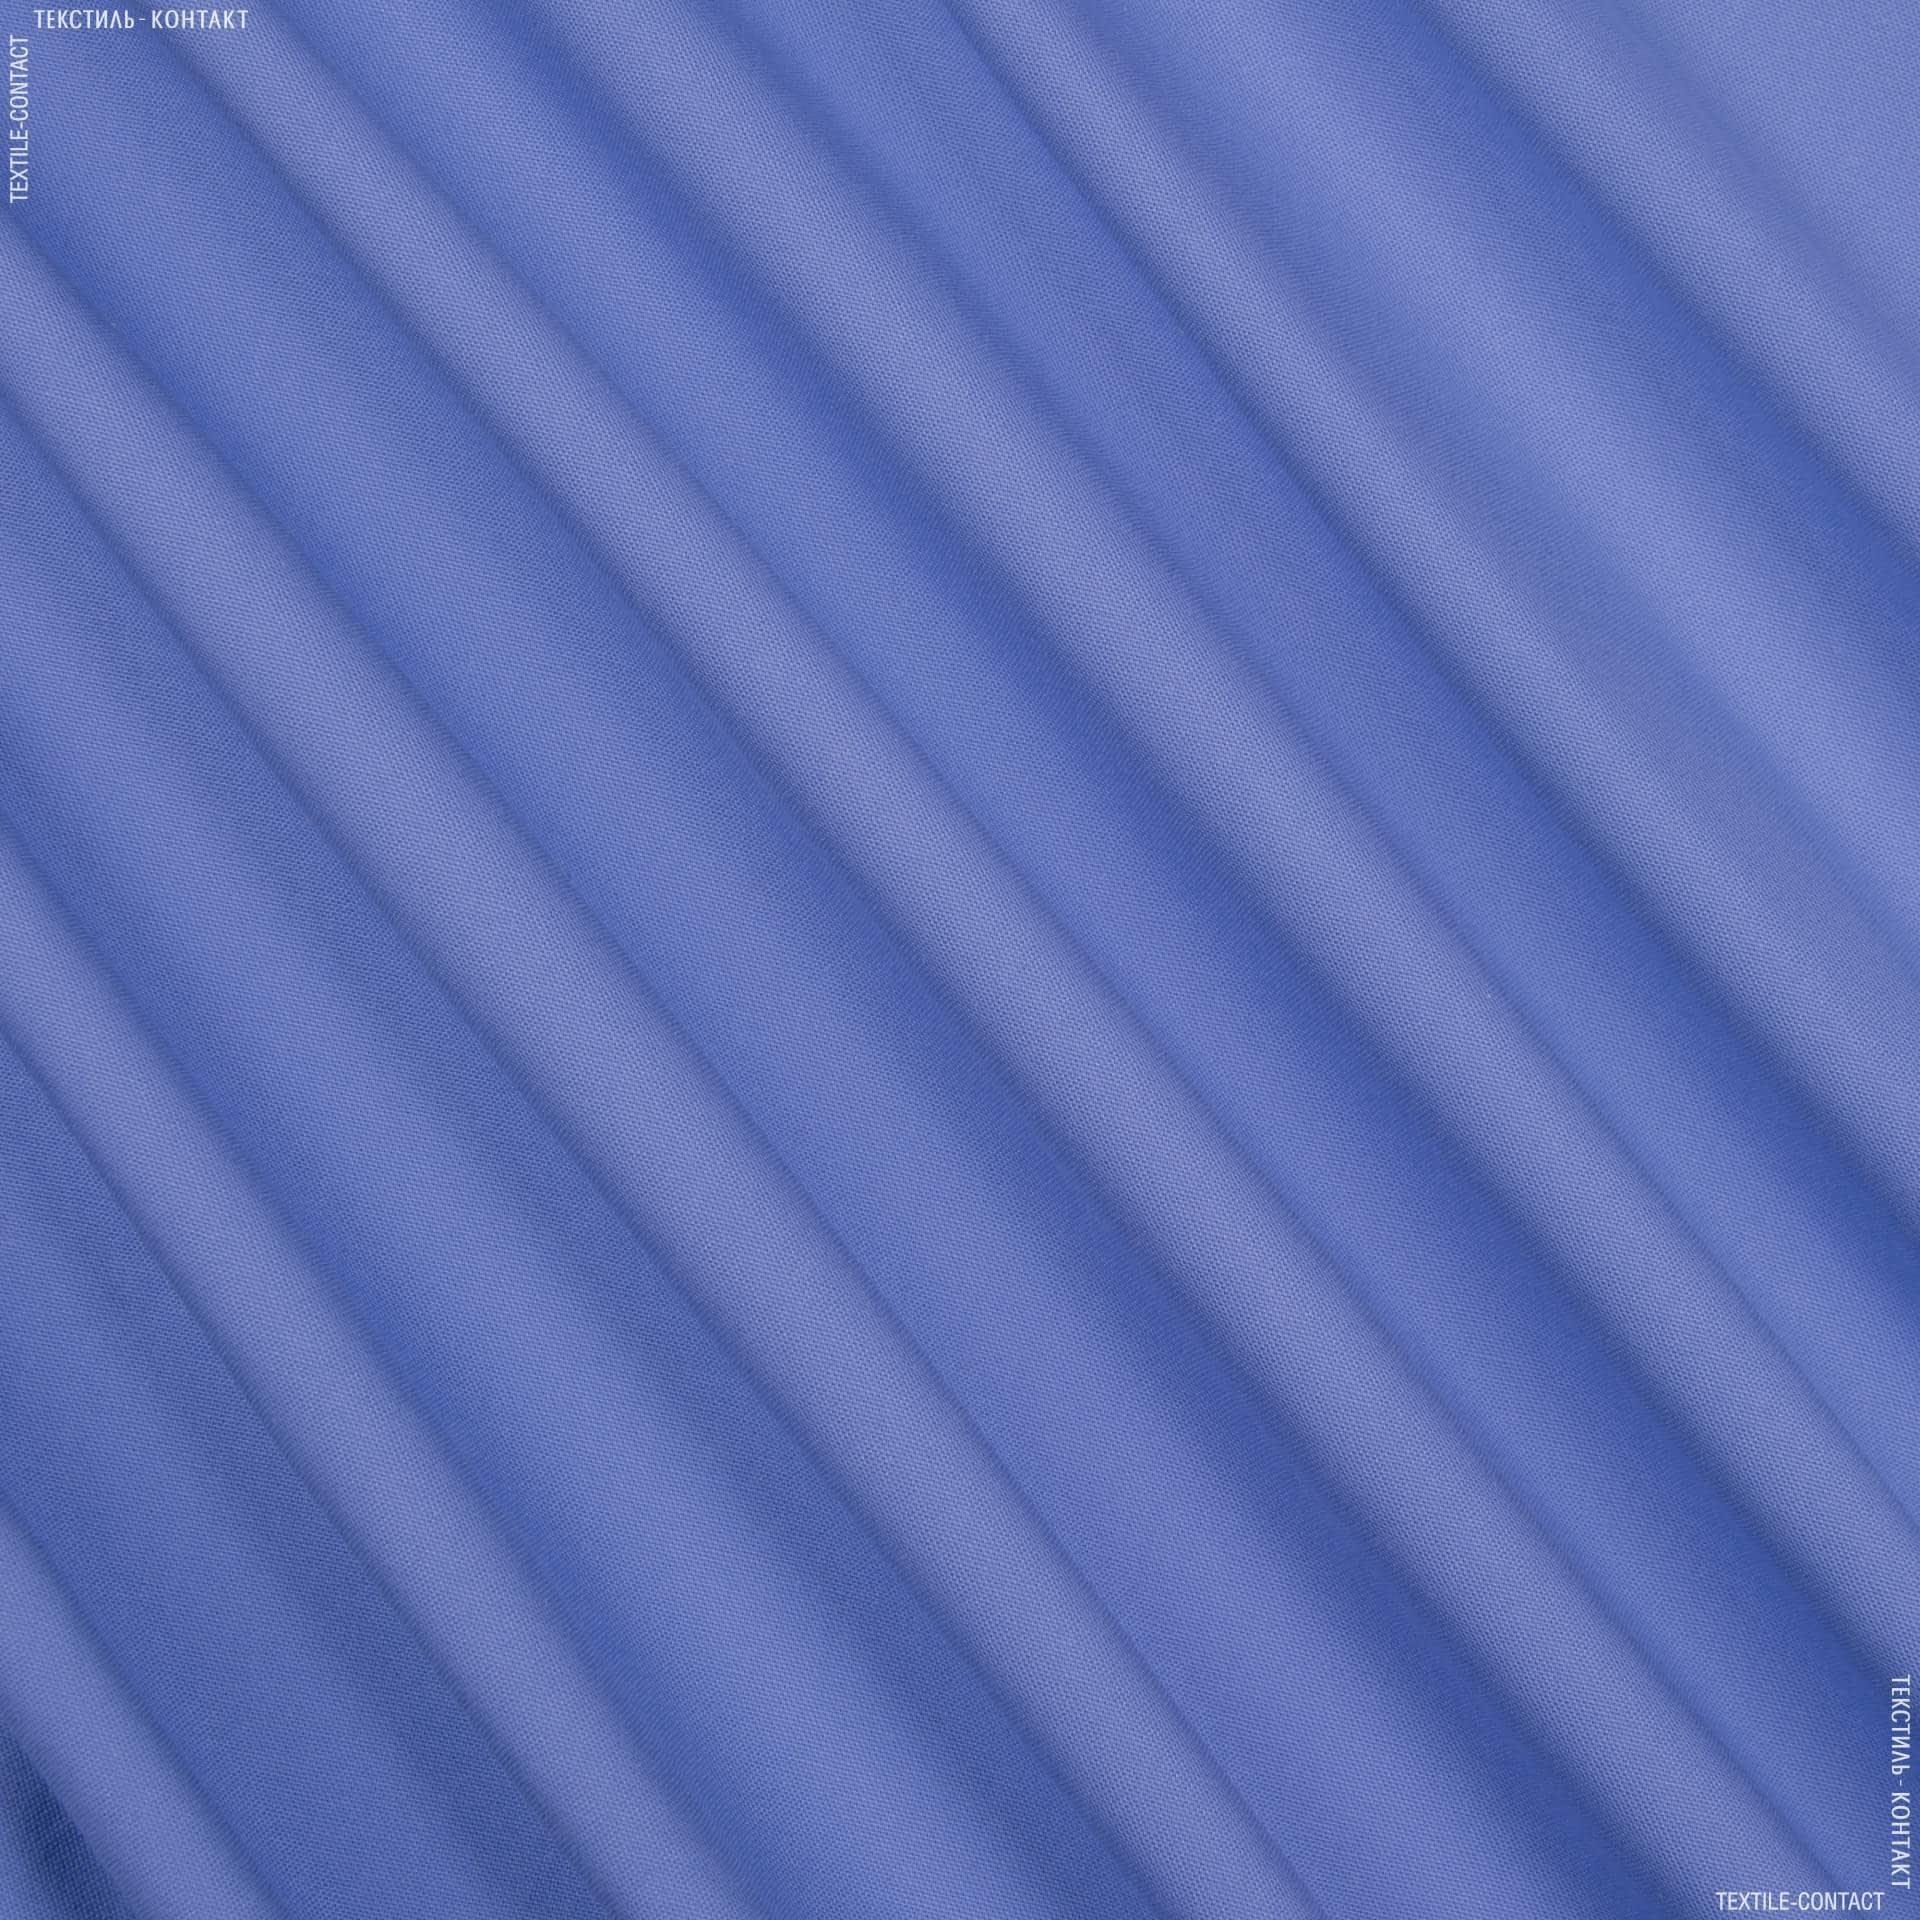 Ткани портьерные ткани - Декоративная ткань  анна  голубой